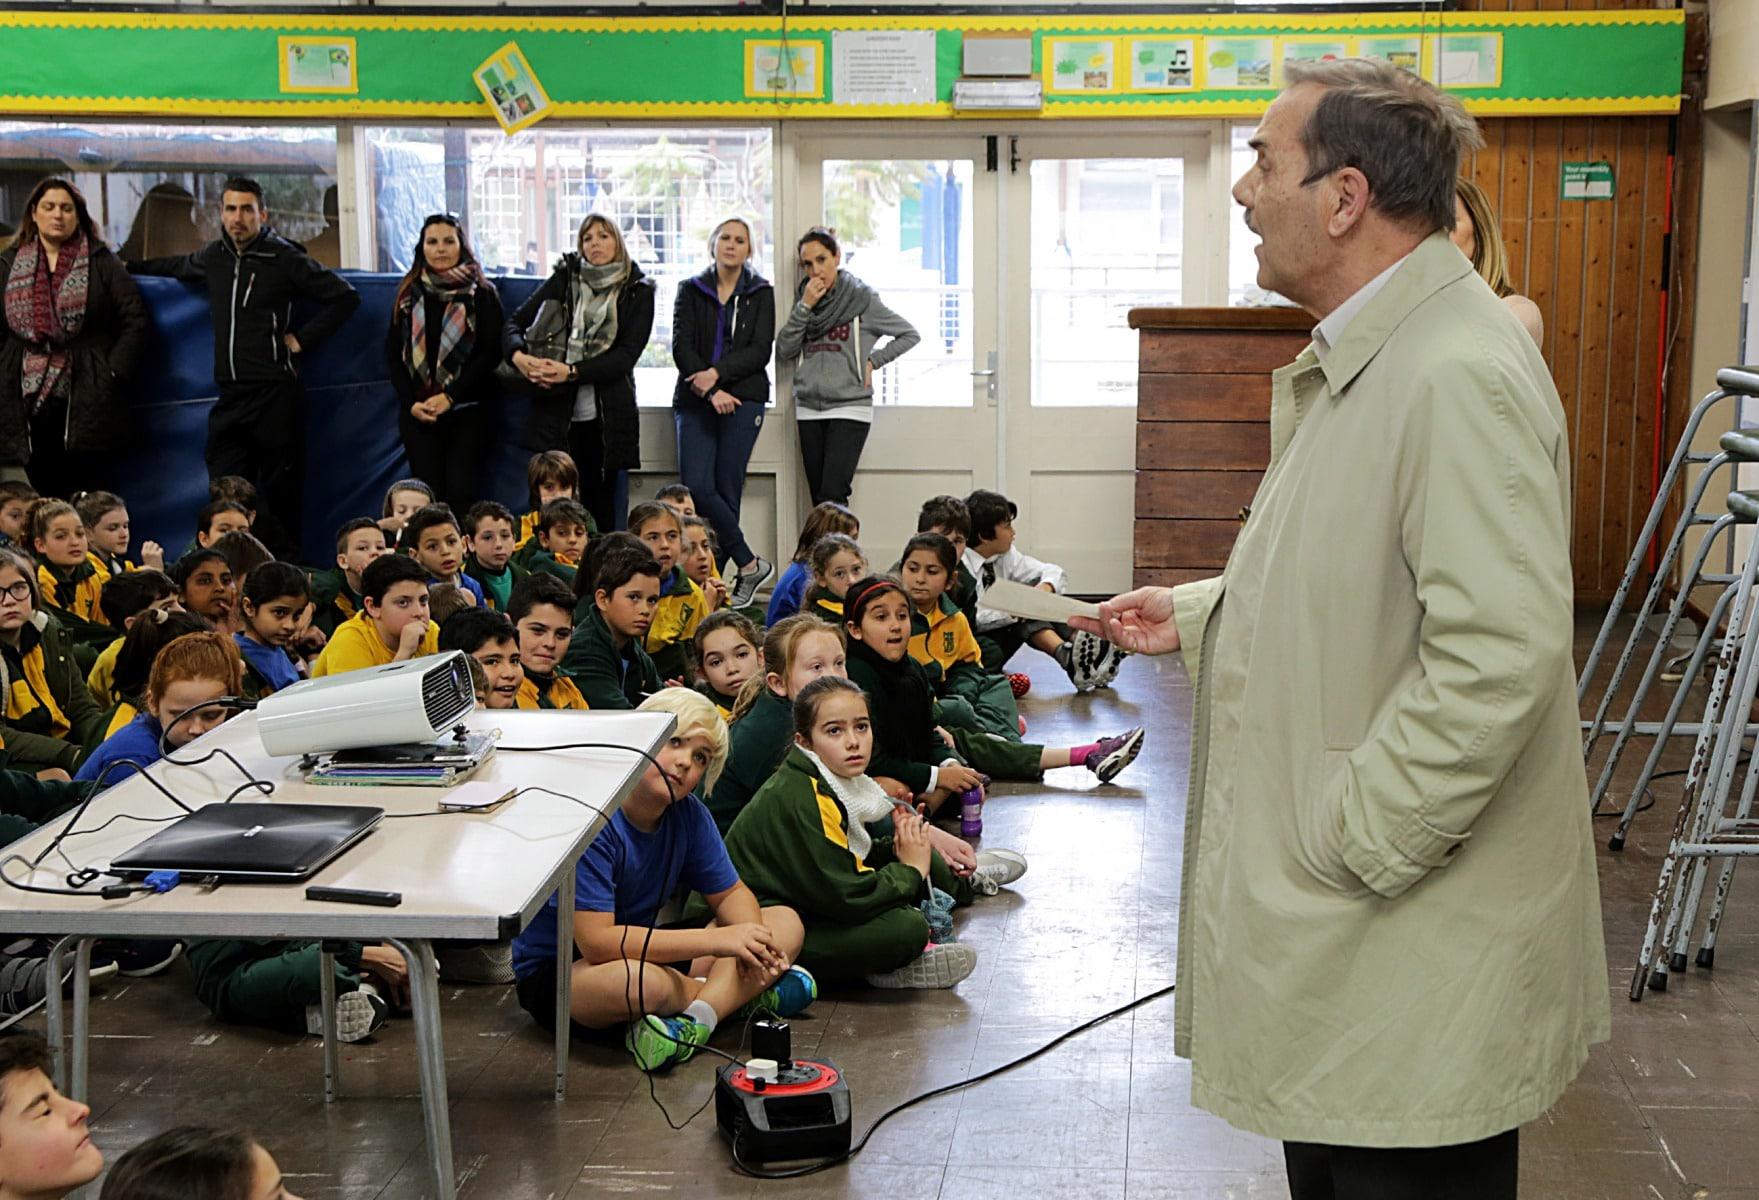 27-ene-17-alumnos-de-la-escuela-obispo-fitzgerald-de-gibraltar-conmemoran-el-holocausto_31710468314_o